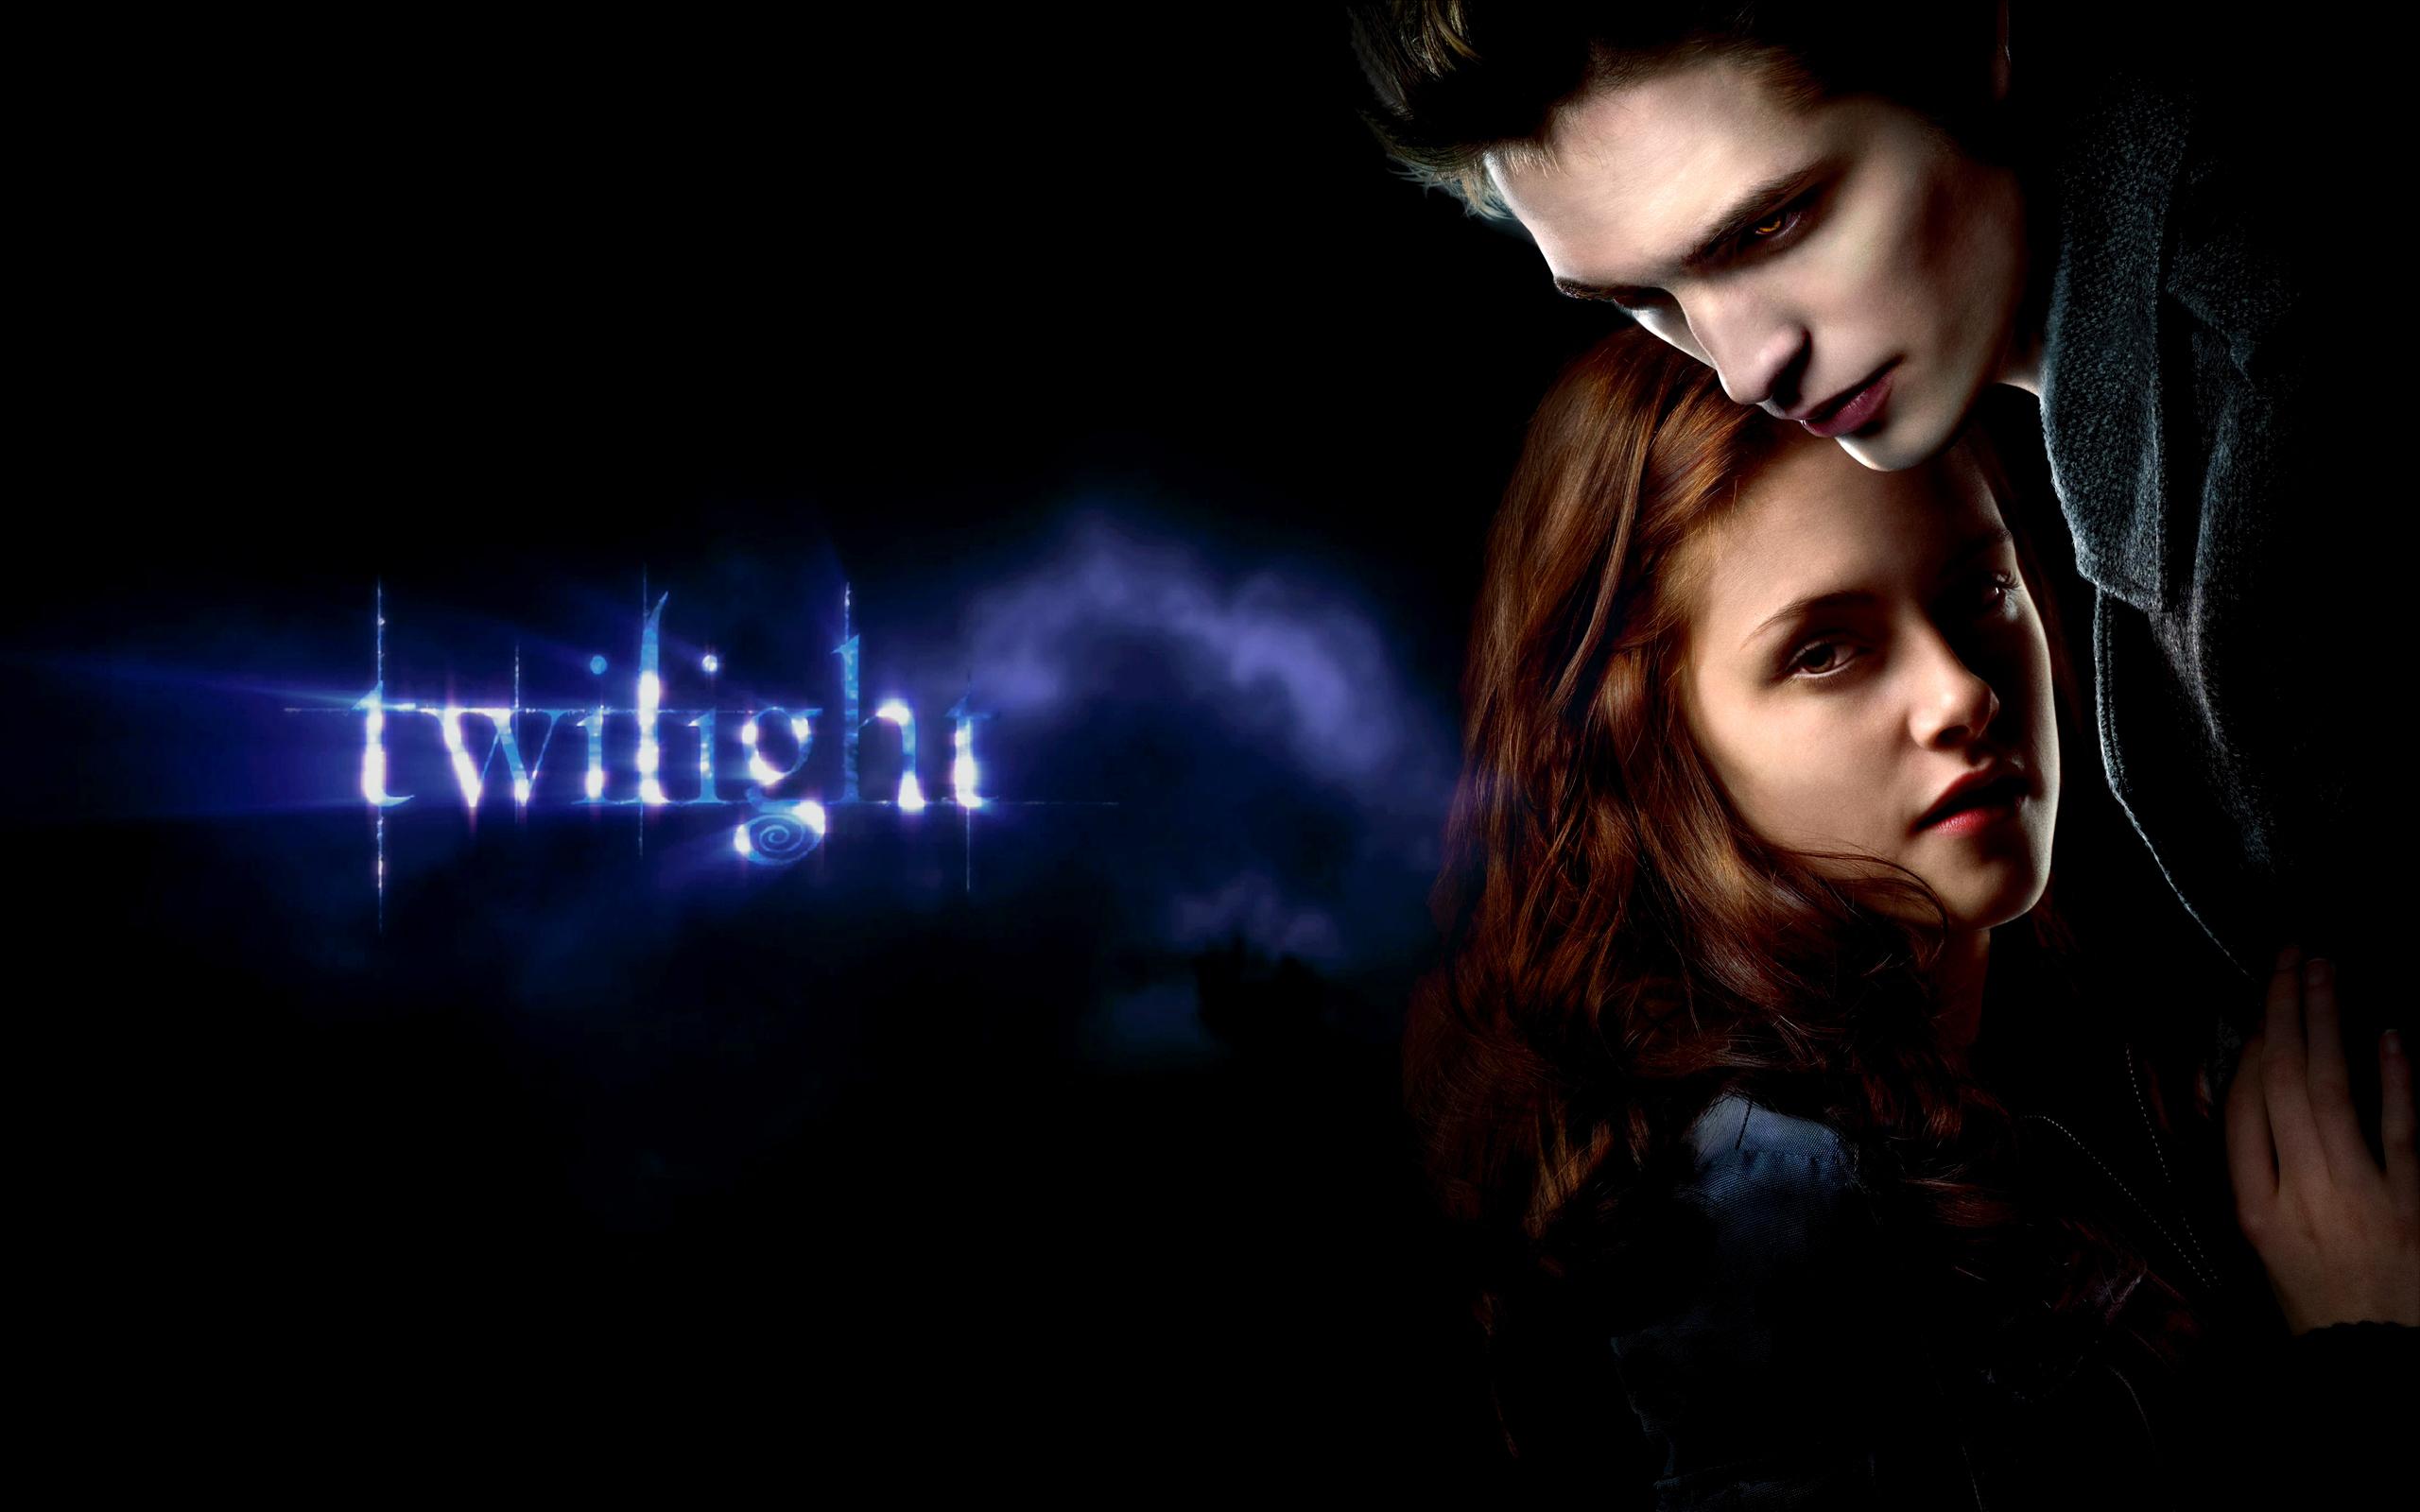 Kristen Stewart: Дівчата, Kristen Stewart, Twilight, Bella Swan, Edward Cullen, Robert Pattinson